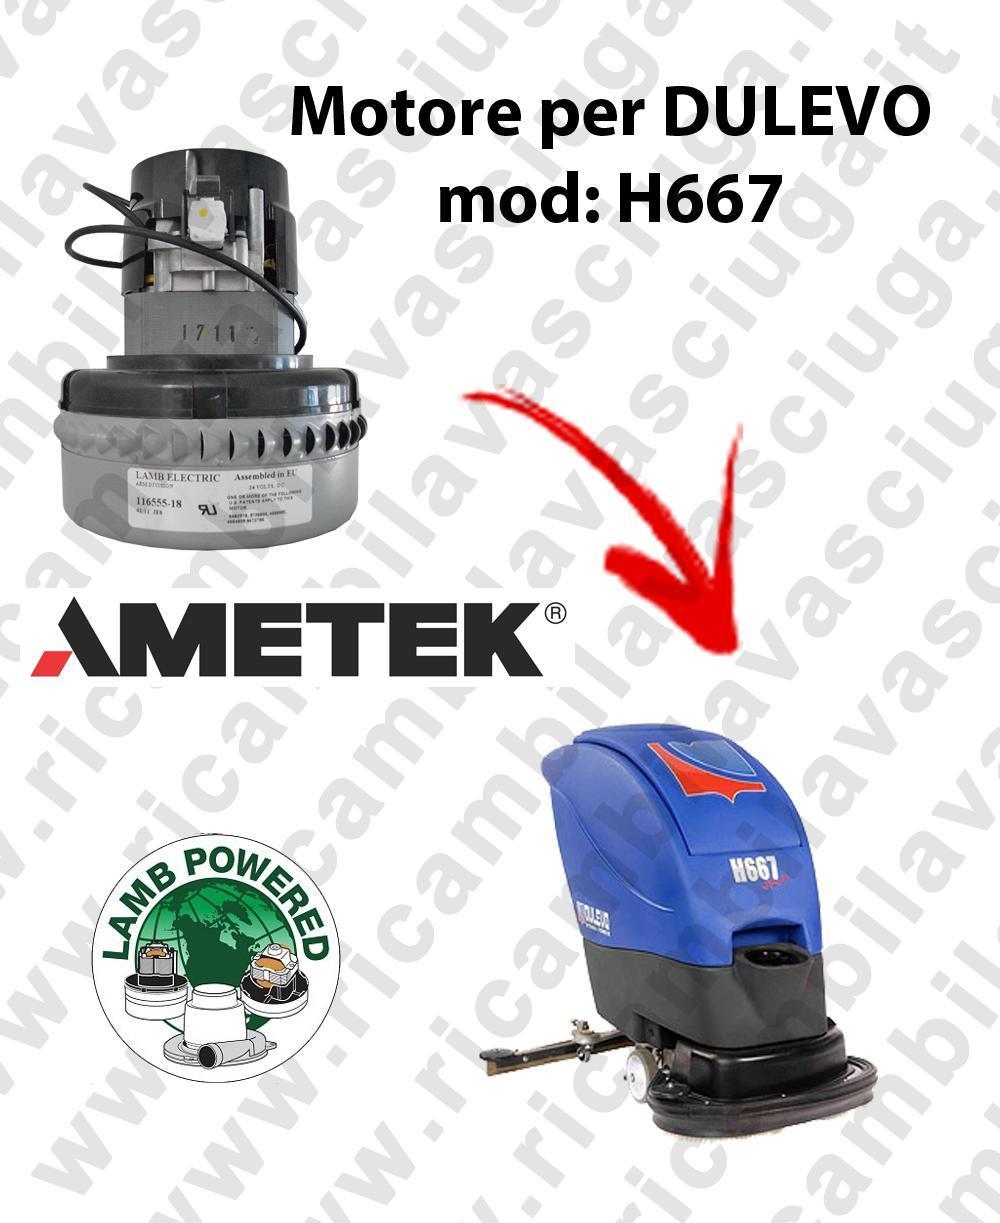 H667 MOTEUR ASPIRATION LAMB AMATEK pour autolaveuses DULEVO